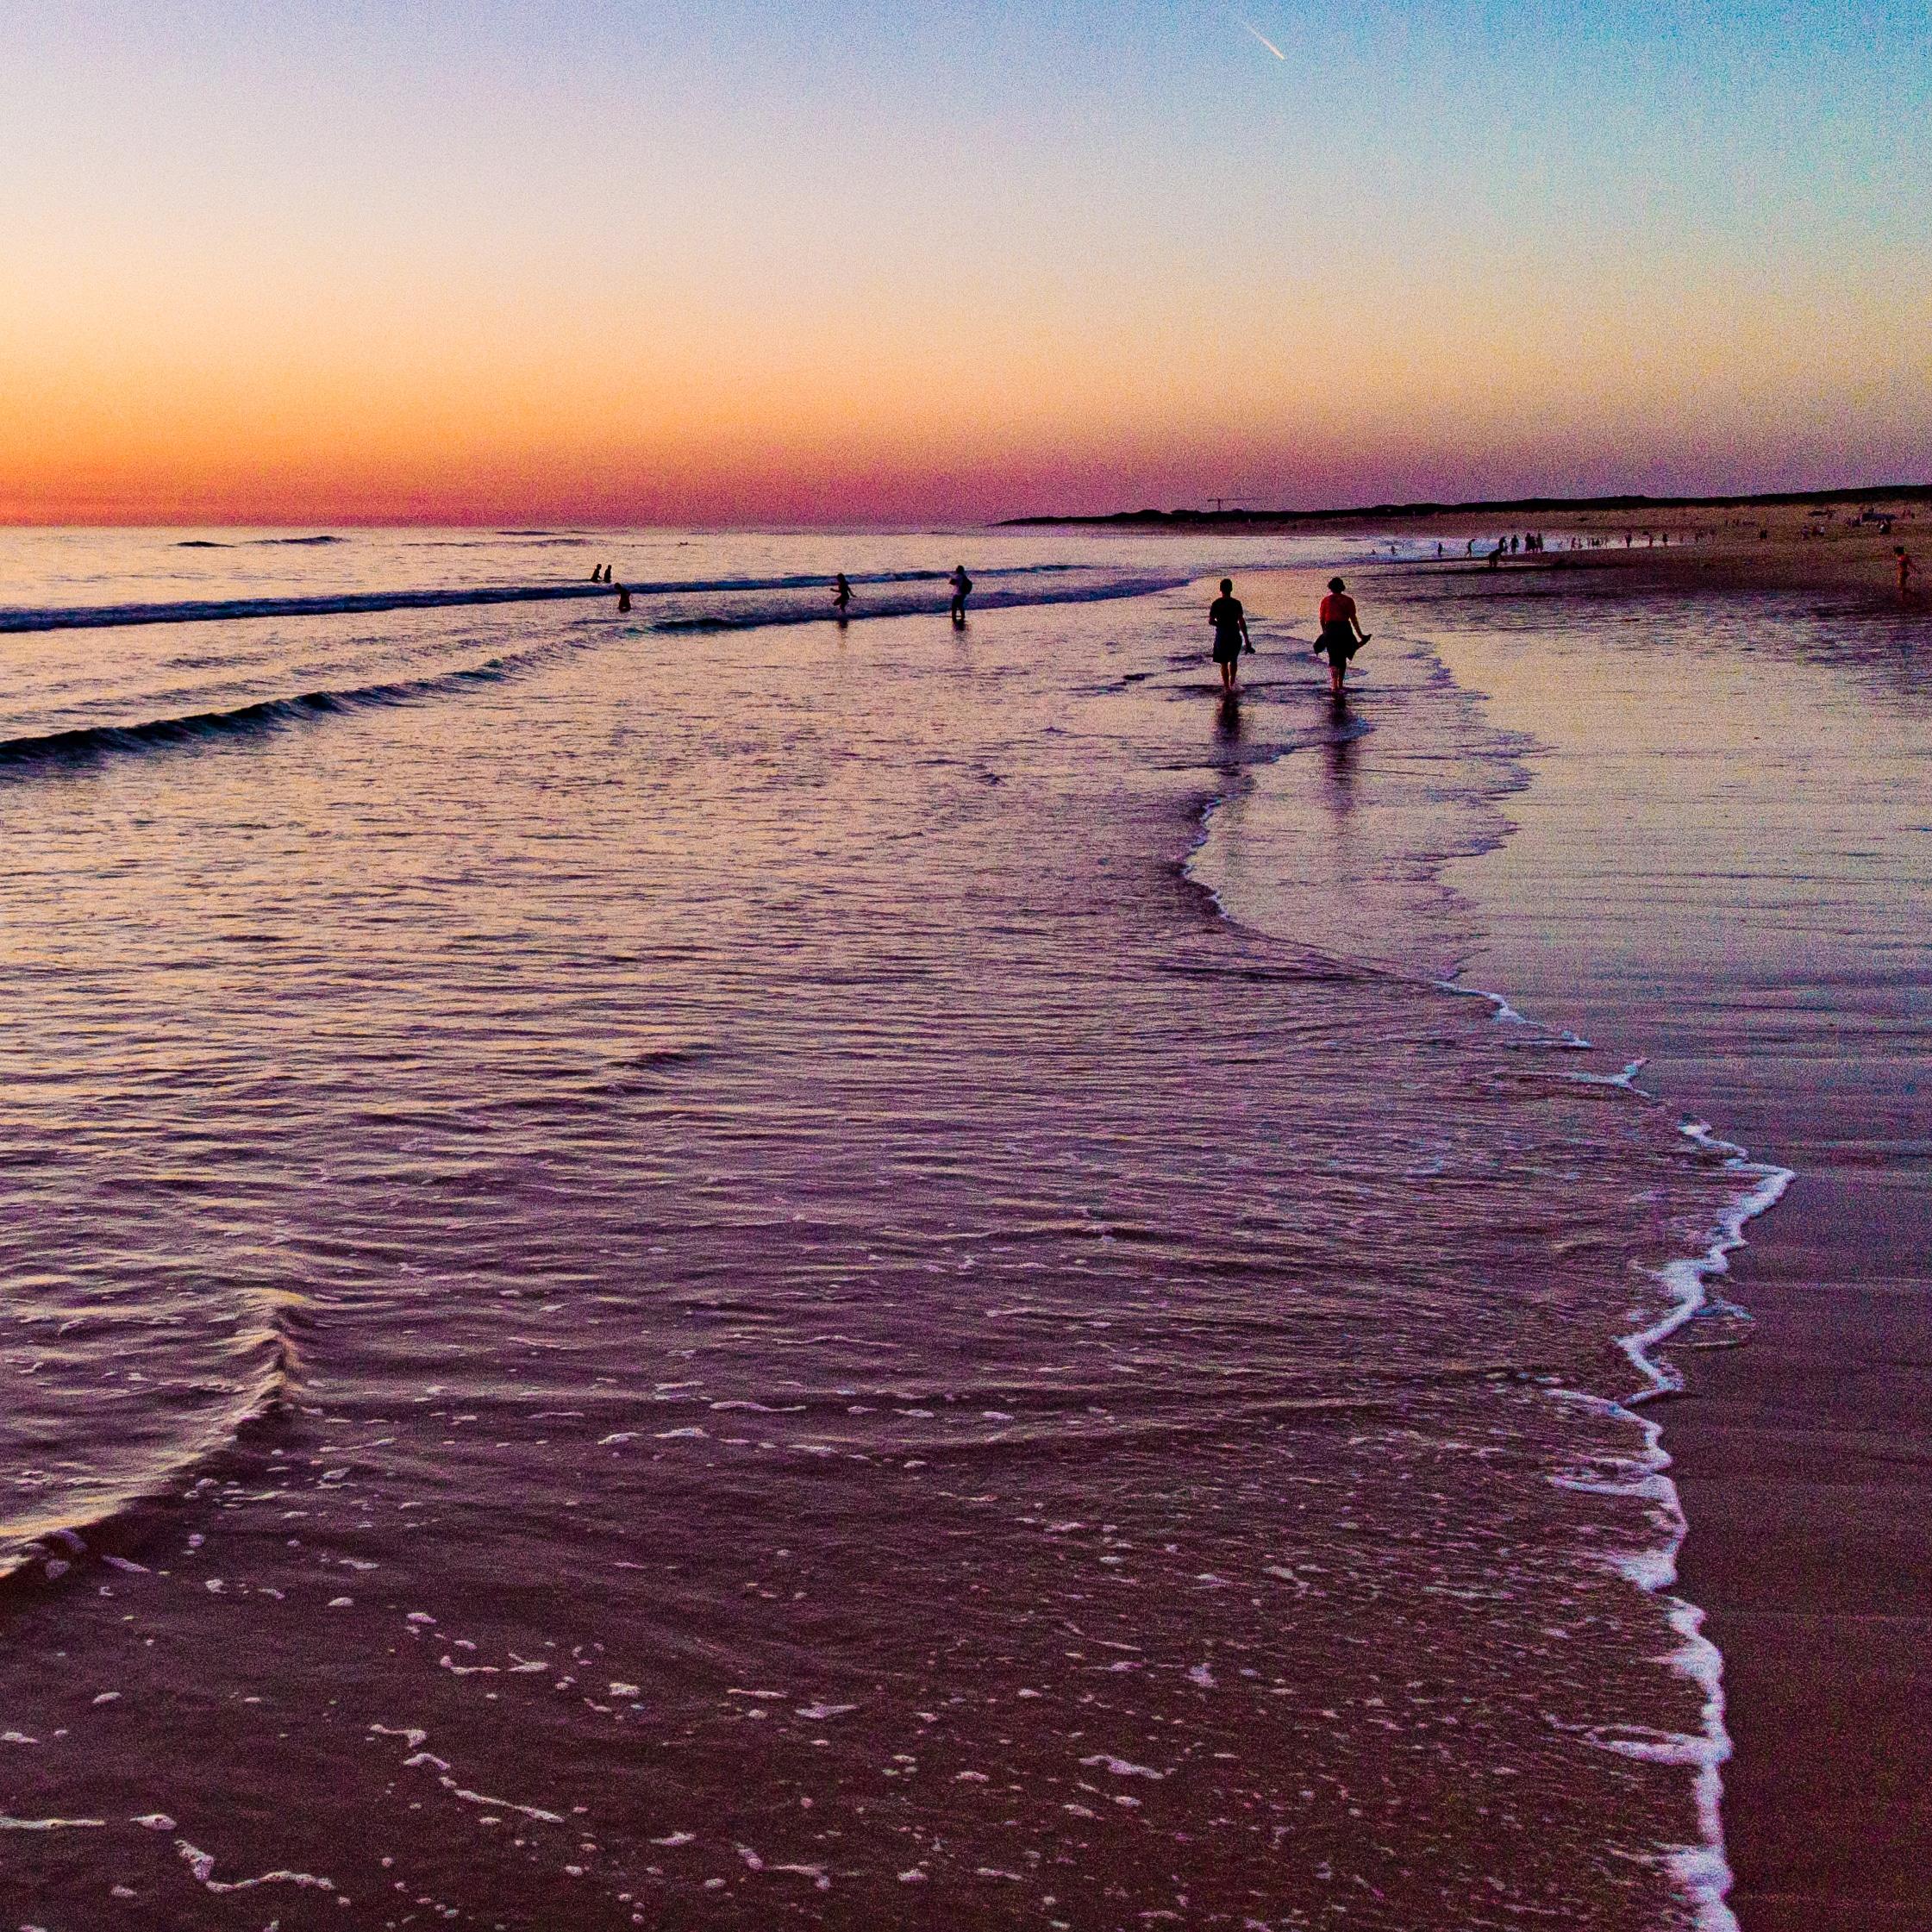 Promenade au bord de l'eau au coucher de soleil